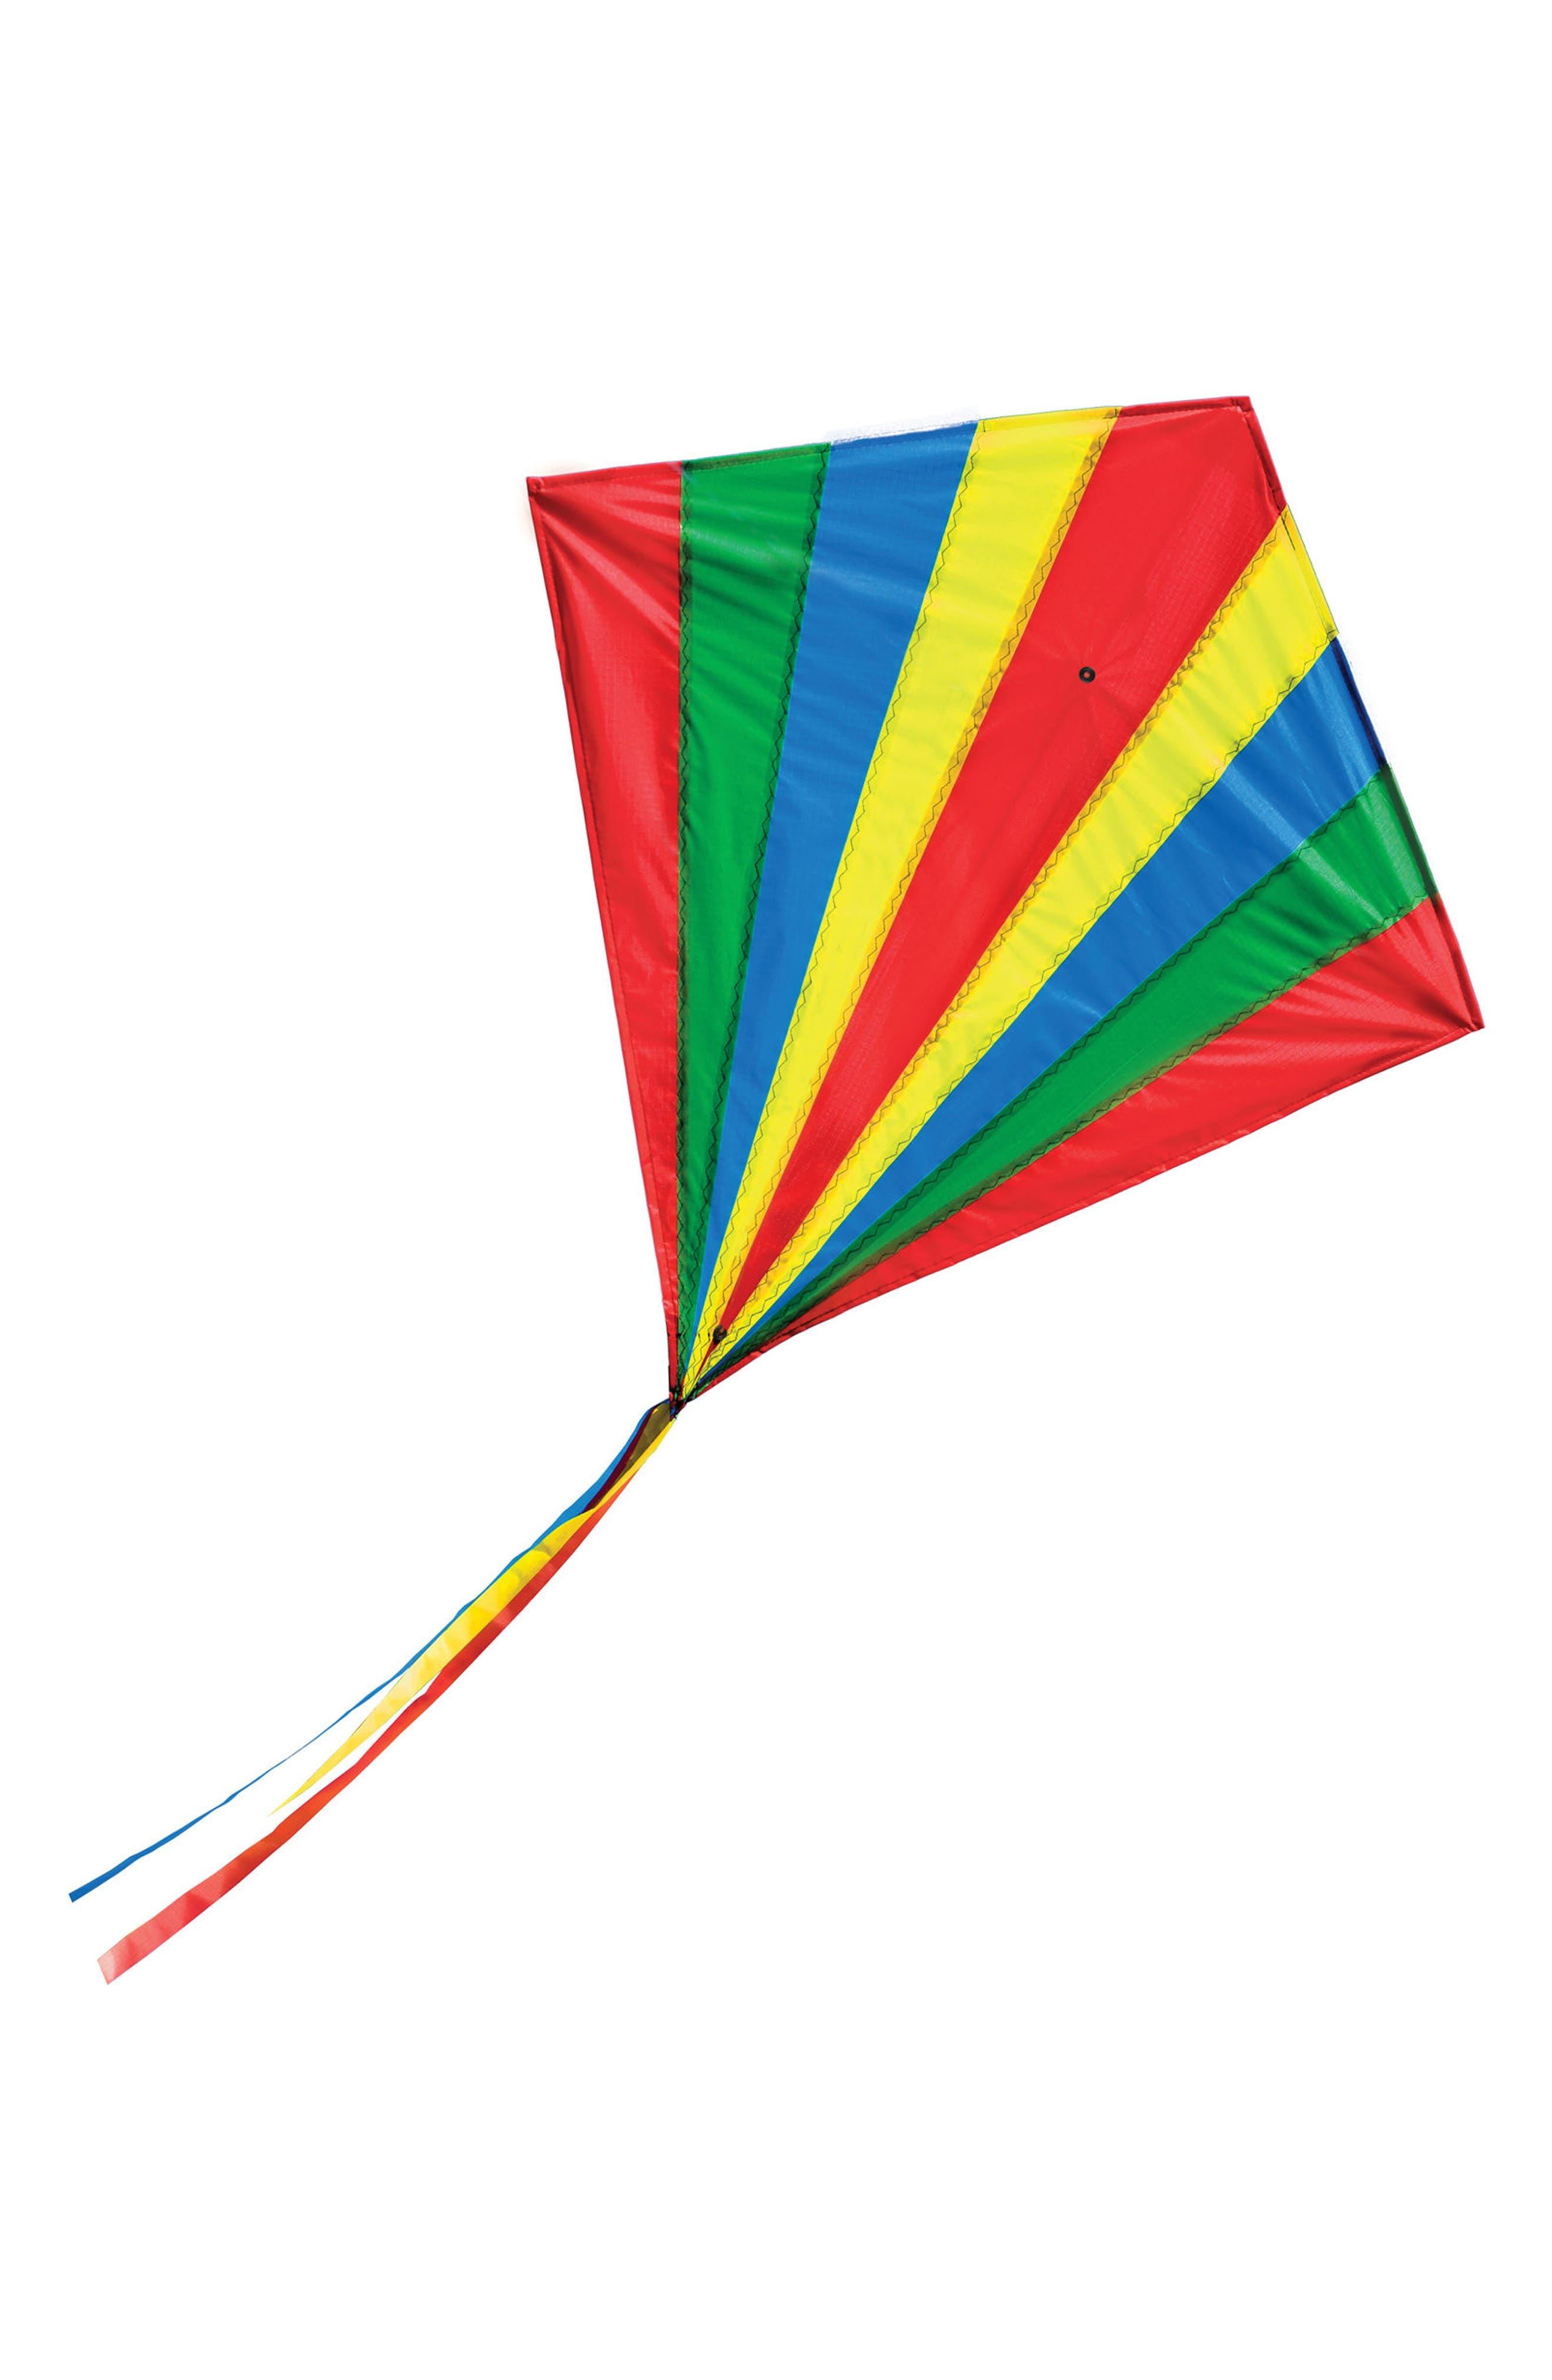 Spectrum Diamond Kite,                             Main thumbnail 1, color,                             Multi